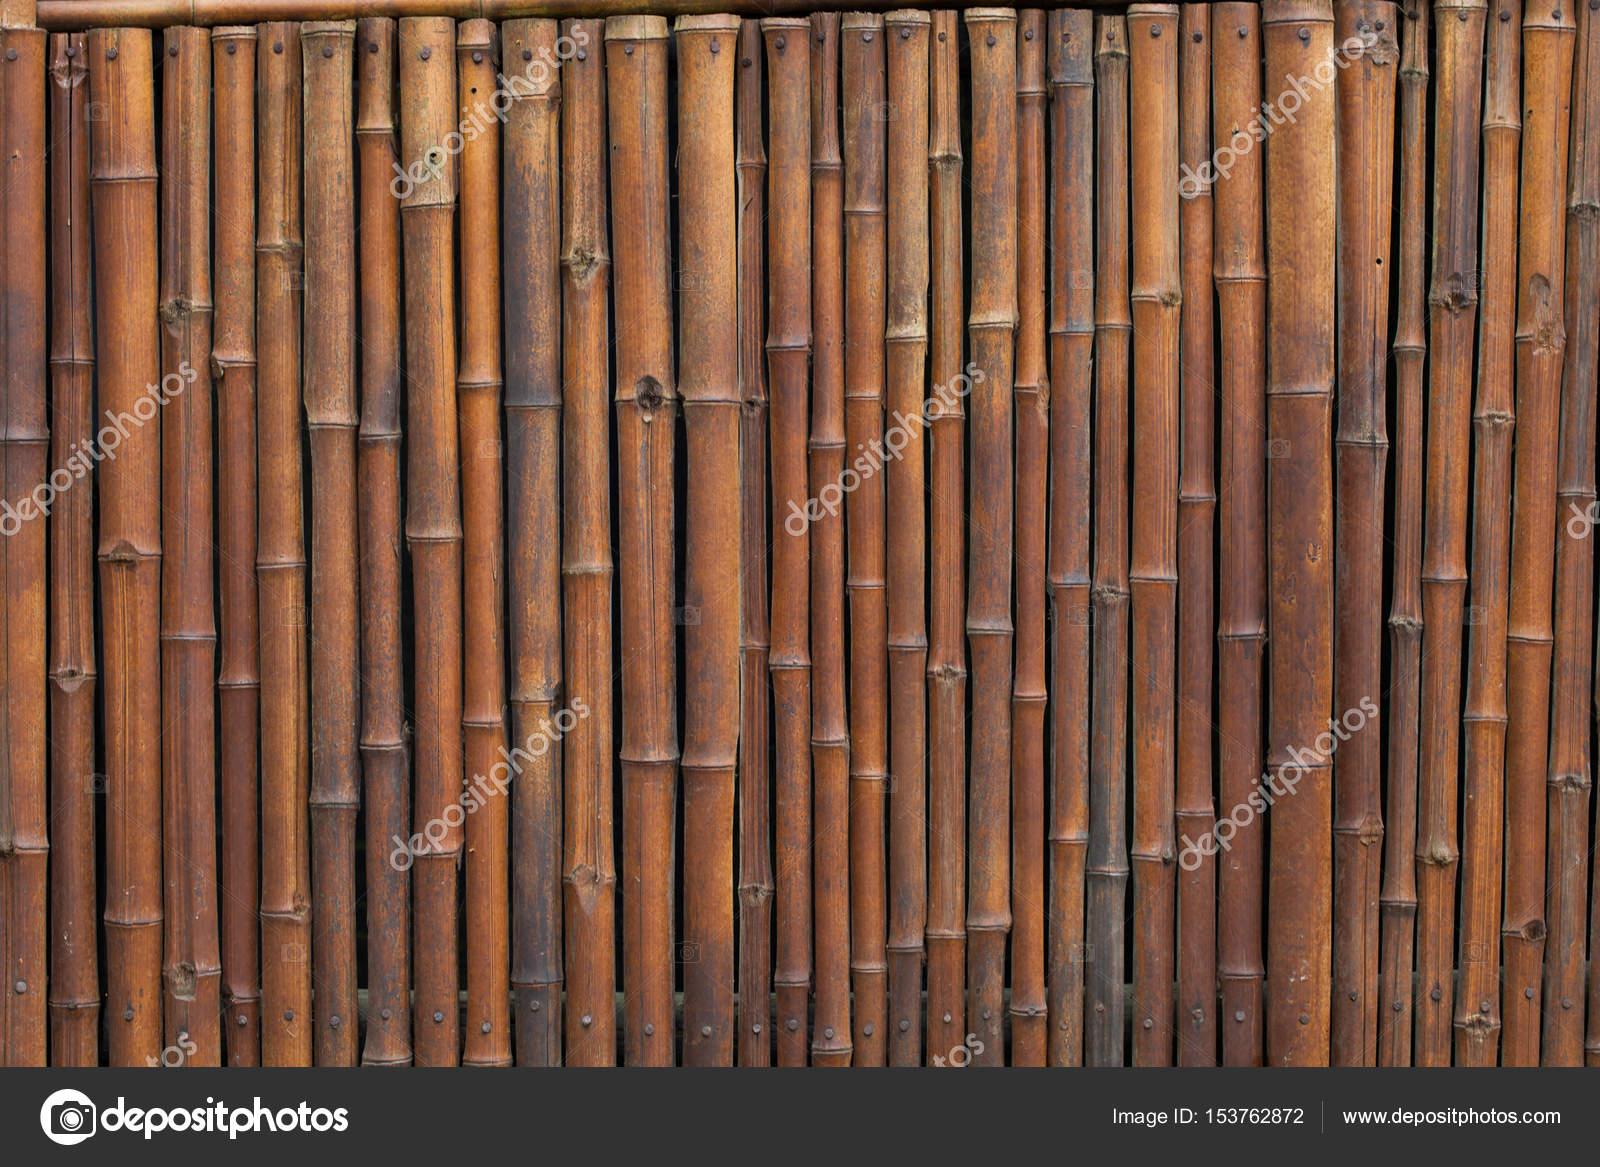 Dekorative Alte Bambus Holz Zaun Mauer Hintergrund Hautnah